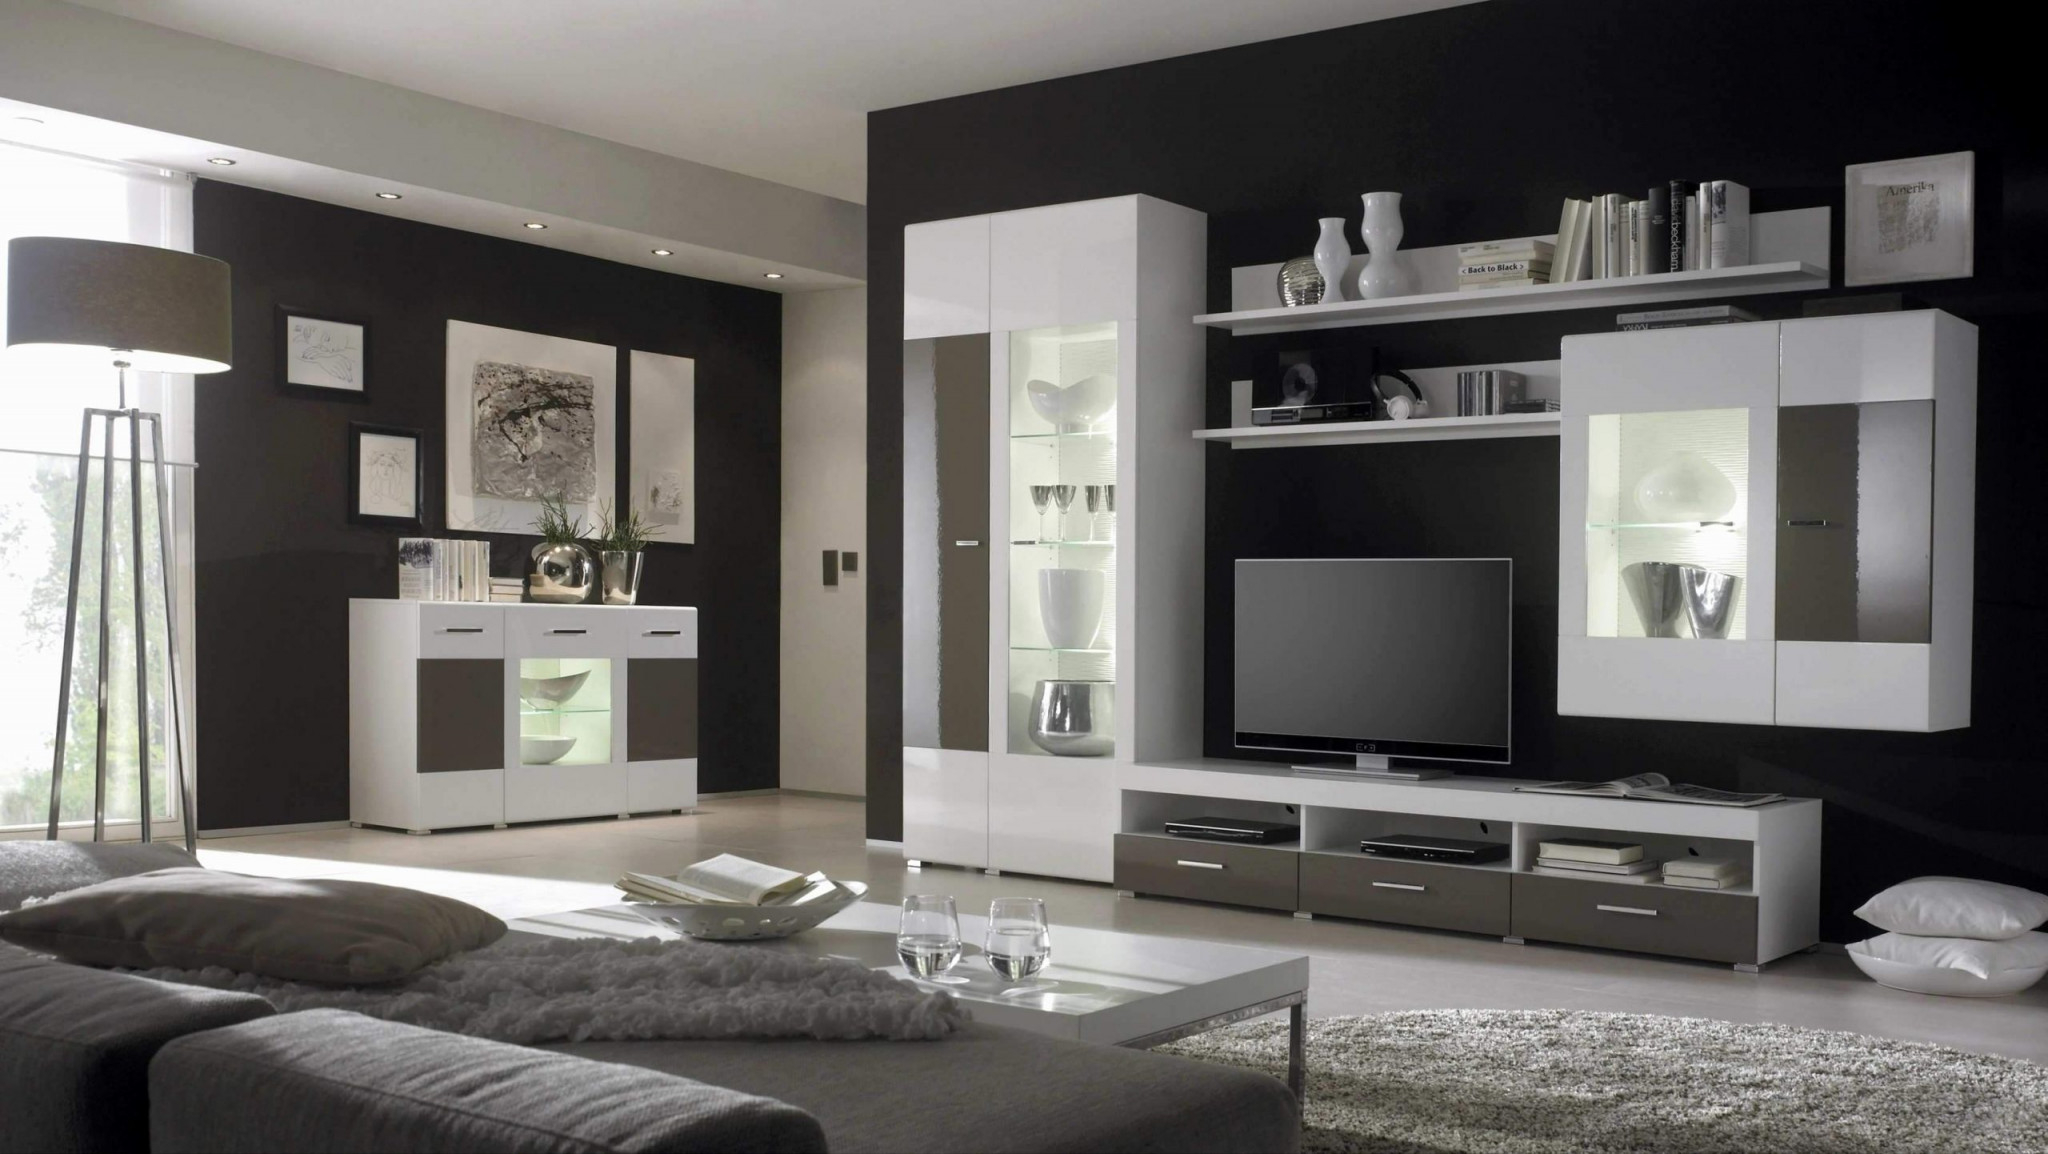 Moderne Deko Wohnzimmer Einzigartig Luxury Dekoideen von Moderne Deko Wohnzimmer Photo